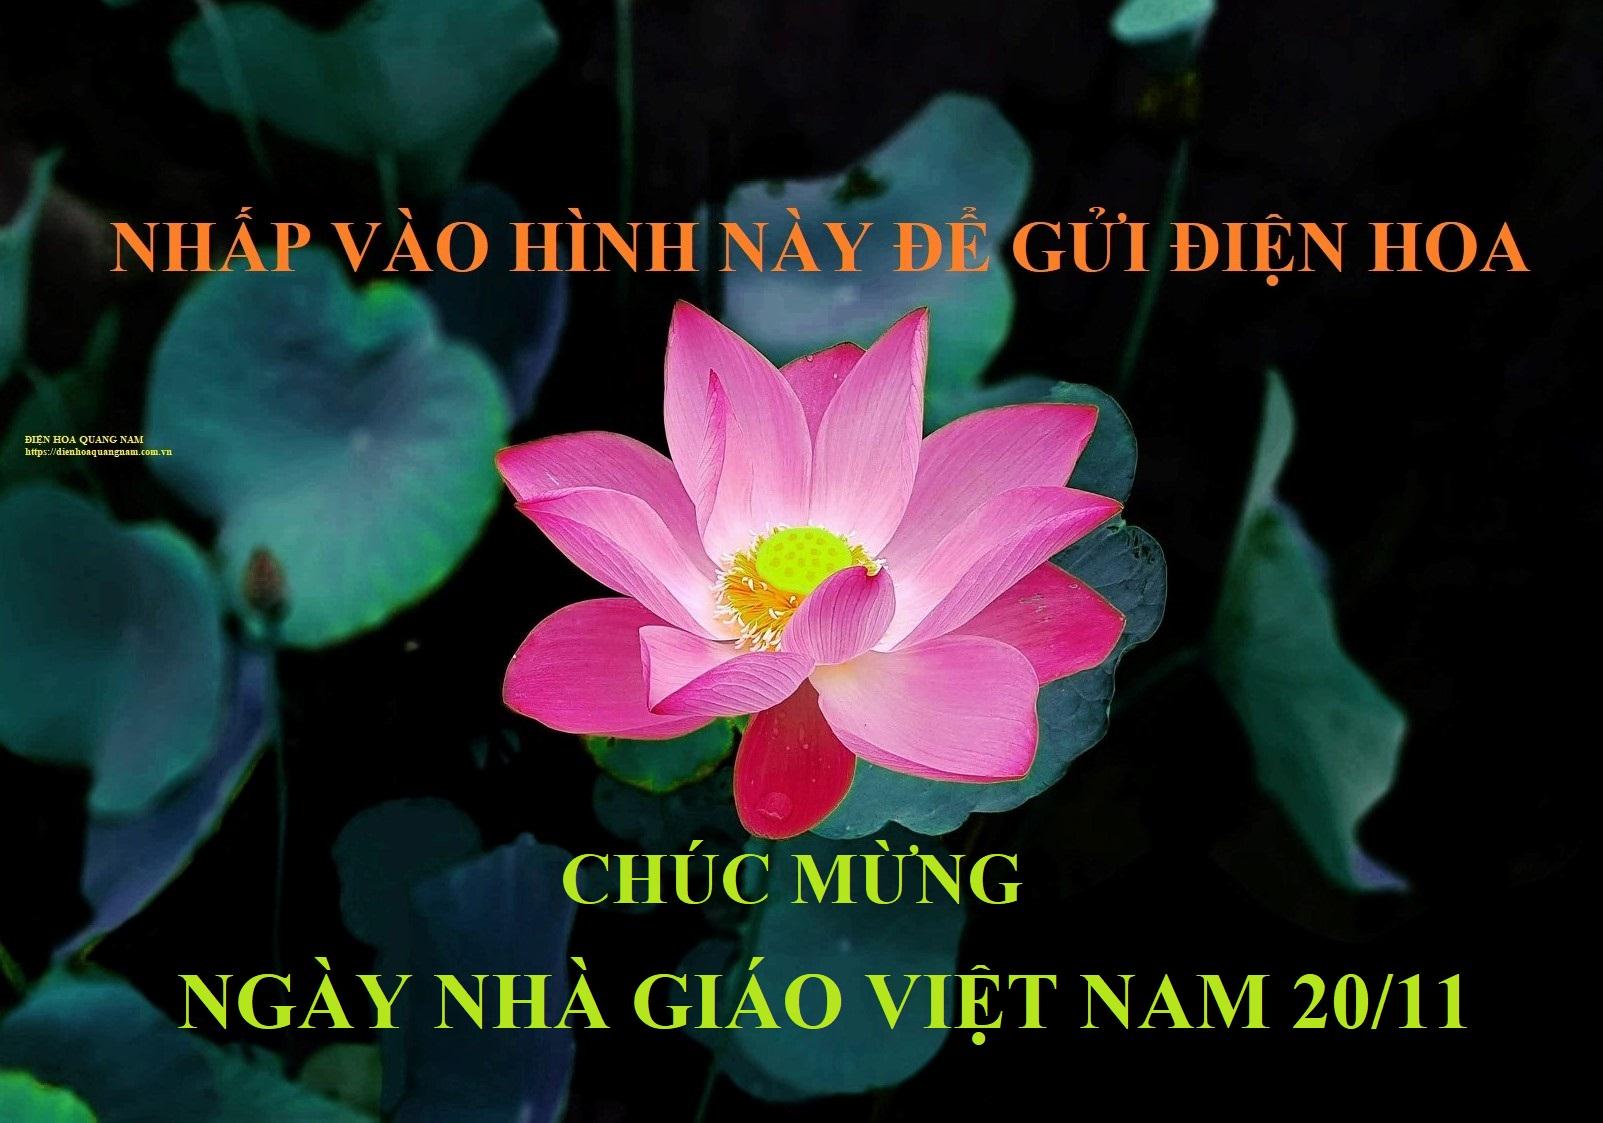 Đặt hoa mừng ngày nhà giáo Việt Nam